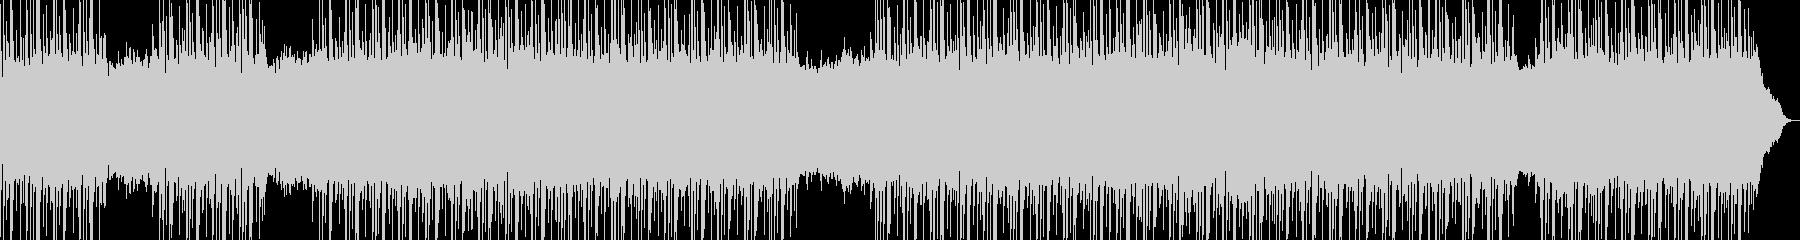 アヴェマリアヒップホップ・シューベルトの未再生の波形